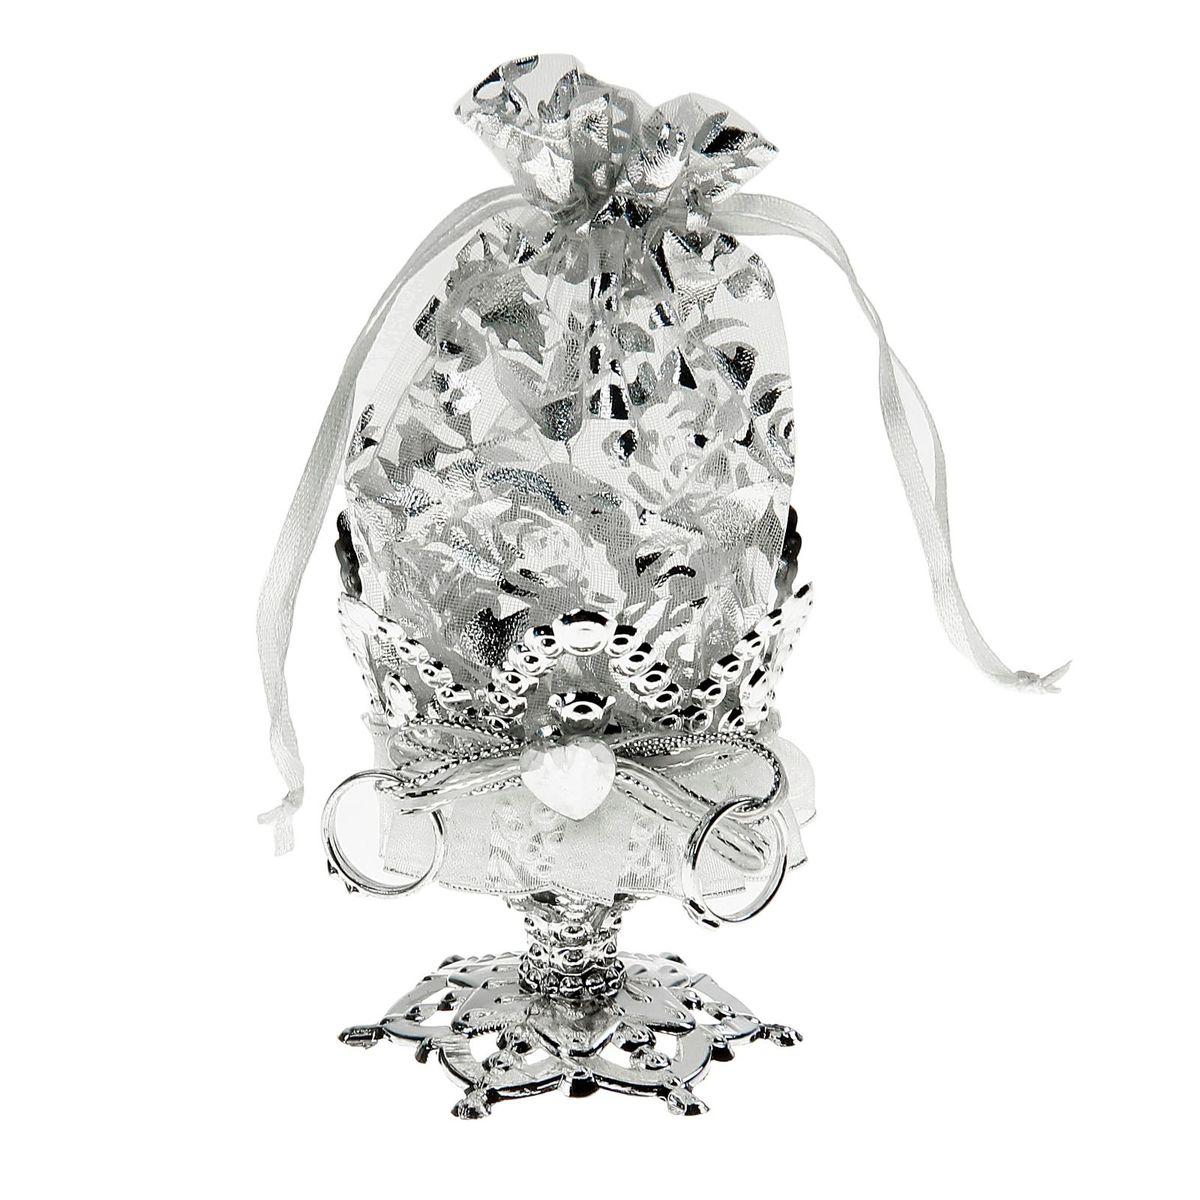 Бонбоньерка Sima-land Сердечки, цвет: серебро, 7 x 7 x 14 см1259943Очень красивая традиция современной свадьбы, пришедшая к нам с Запада, - дарить гостям бонбоньерки с угощениями в знак благодарности тому, кто пришел на свадьбу. Как правило, приглашённых угощают миндалём, конфетами или марципанами, но фантазировать можно сколько угодно! Бонбоньерка Сердечки, цвет серебро - это необычная конфетница с эффектным дизайном, куда можно спрятать угощение для дорогих вашему сердцу людей. Она завершит свадебное торжество, и оставит гостей в полном восторге.